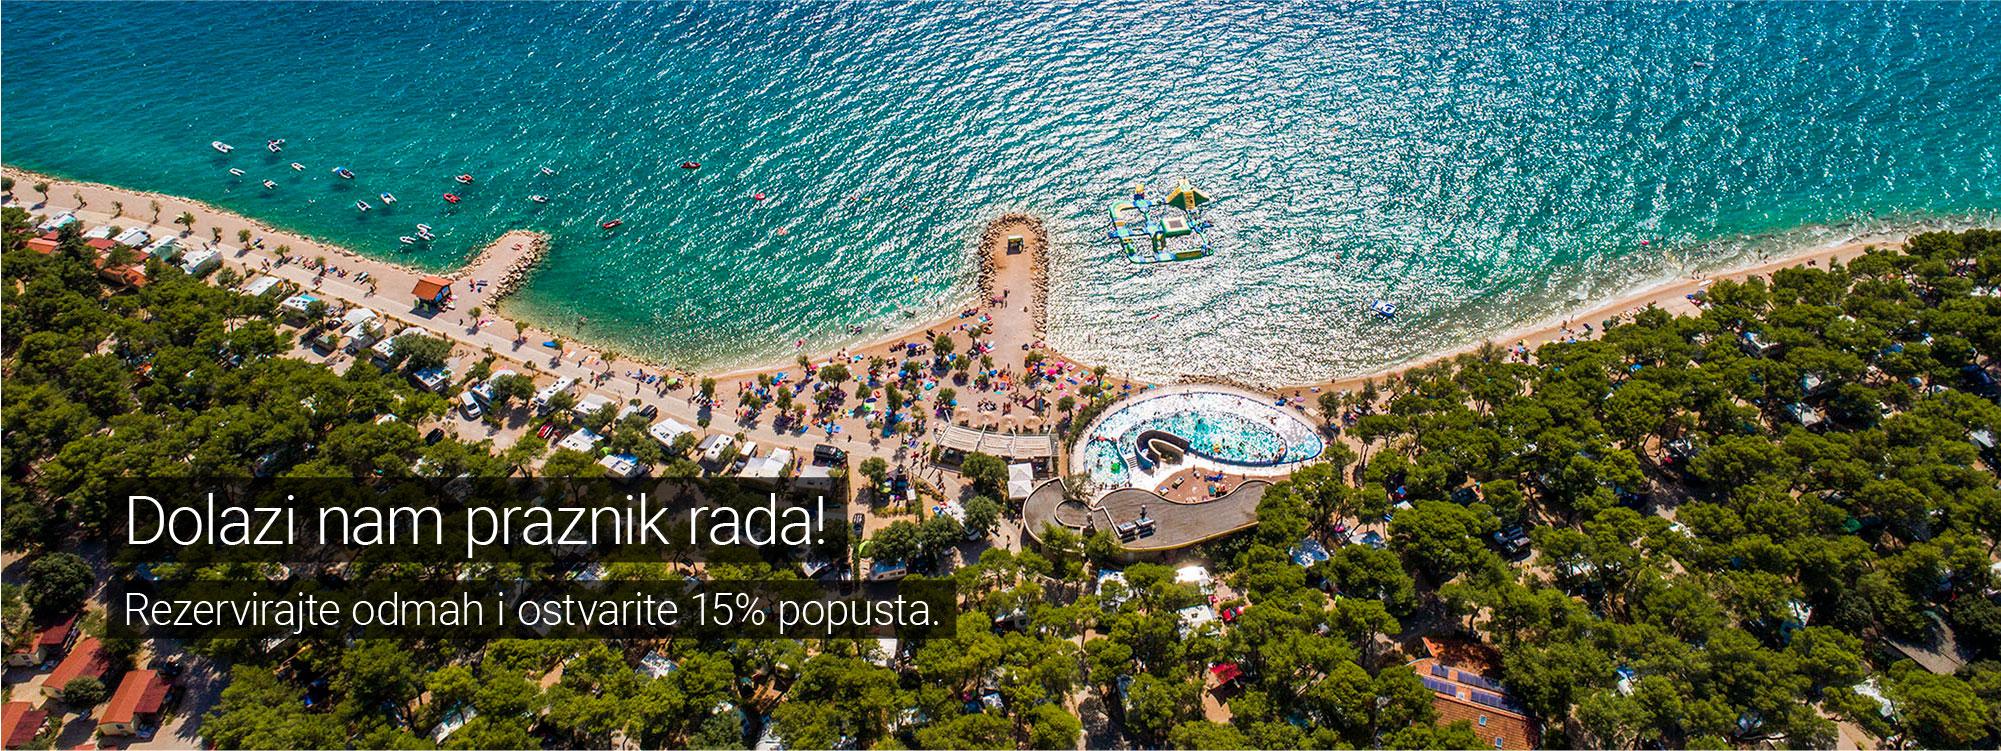 Web-slider-Praznik-rada-u-Kampu-03-HRV